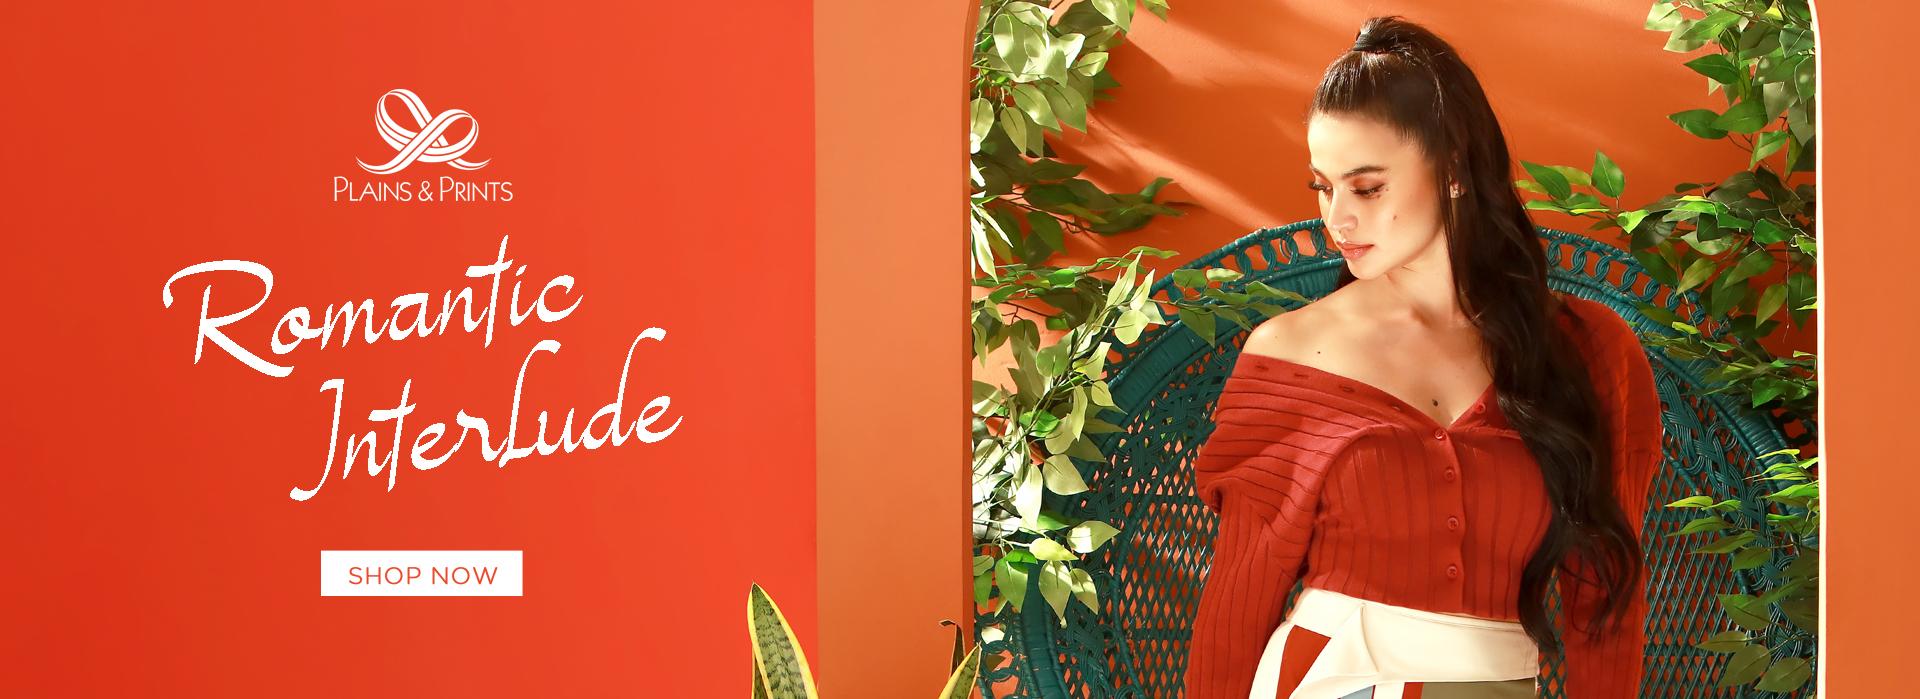 Romantic-Interlude-Web-Banner